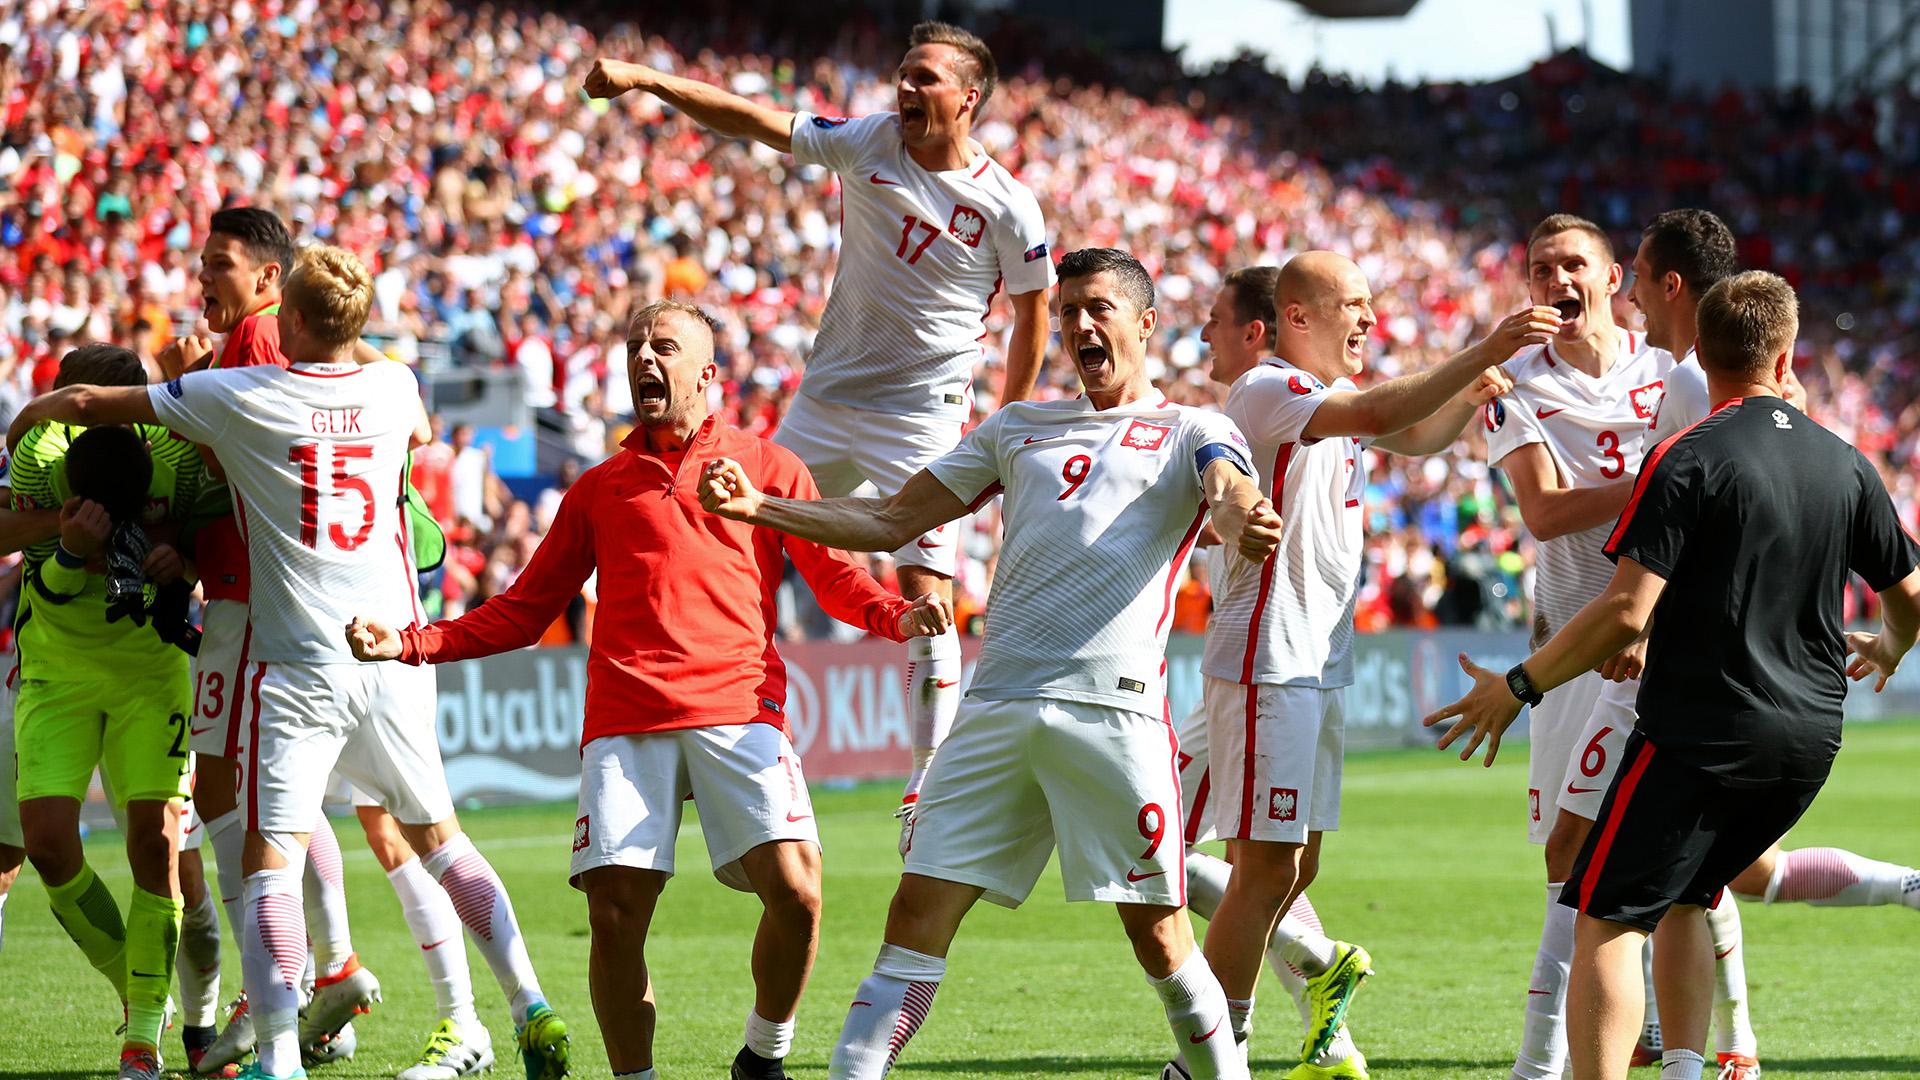 Lewandowski es el capitán de Polonia y fue el máximo goleador de las Eliminatorias de la UEFA (16 goles) (Getty Images)